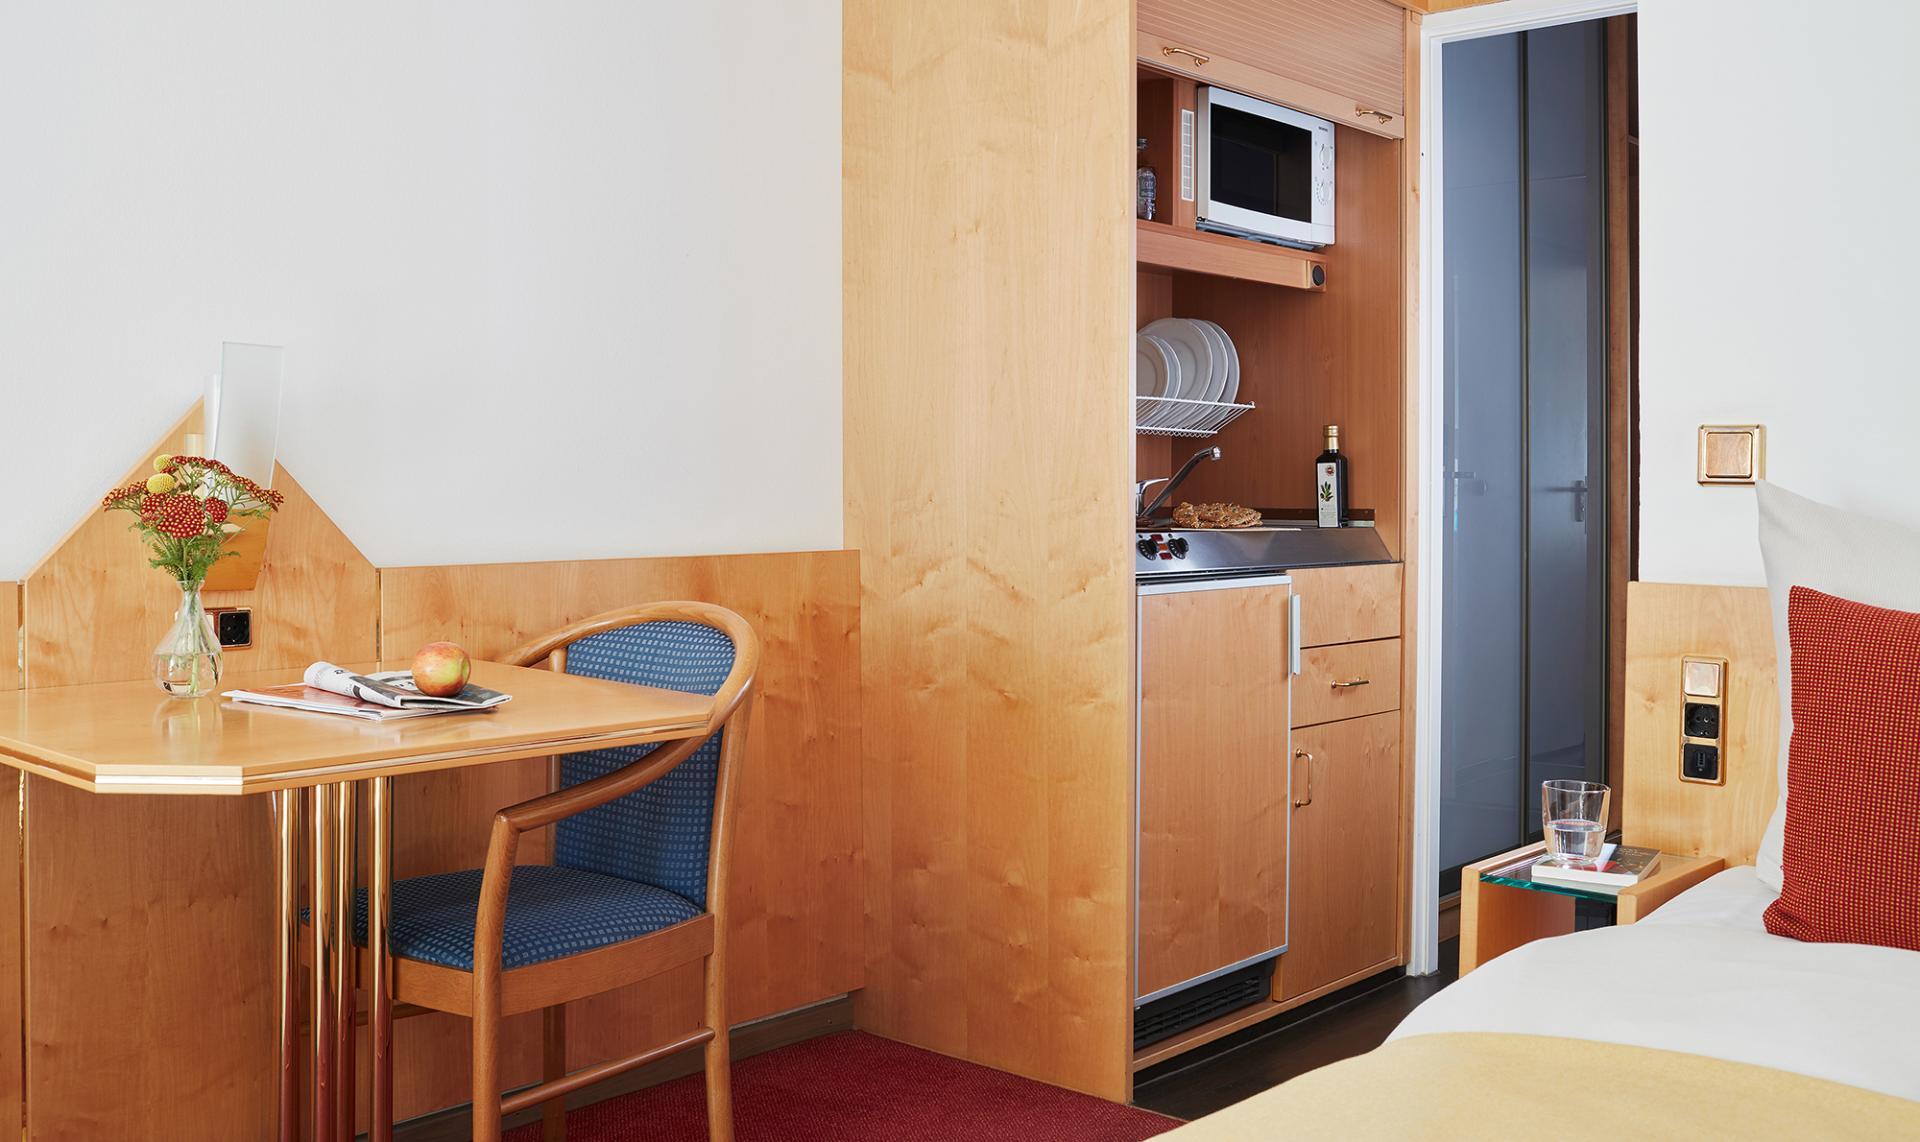 Kitchen at Living Hotel Deutschen Museum Apartments, Haidhausen, Munich